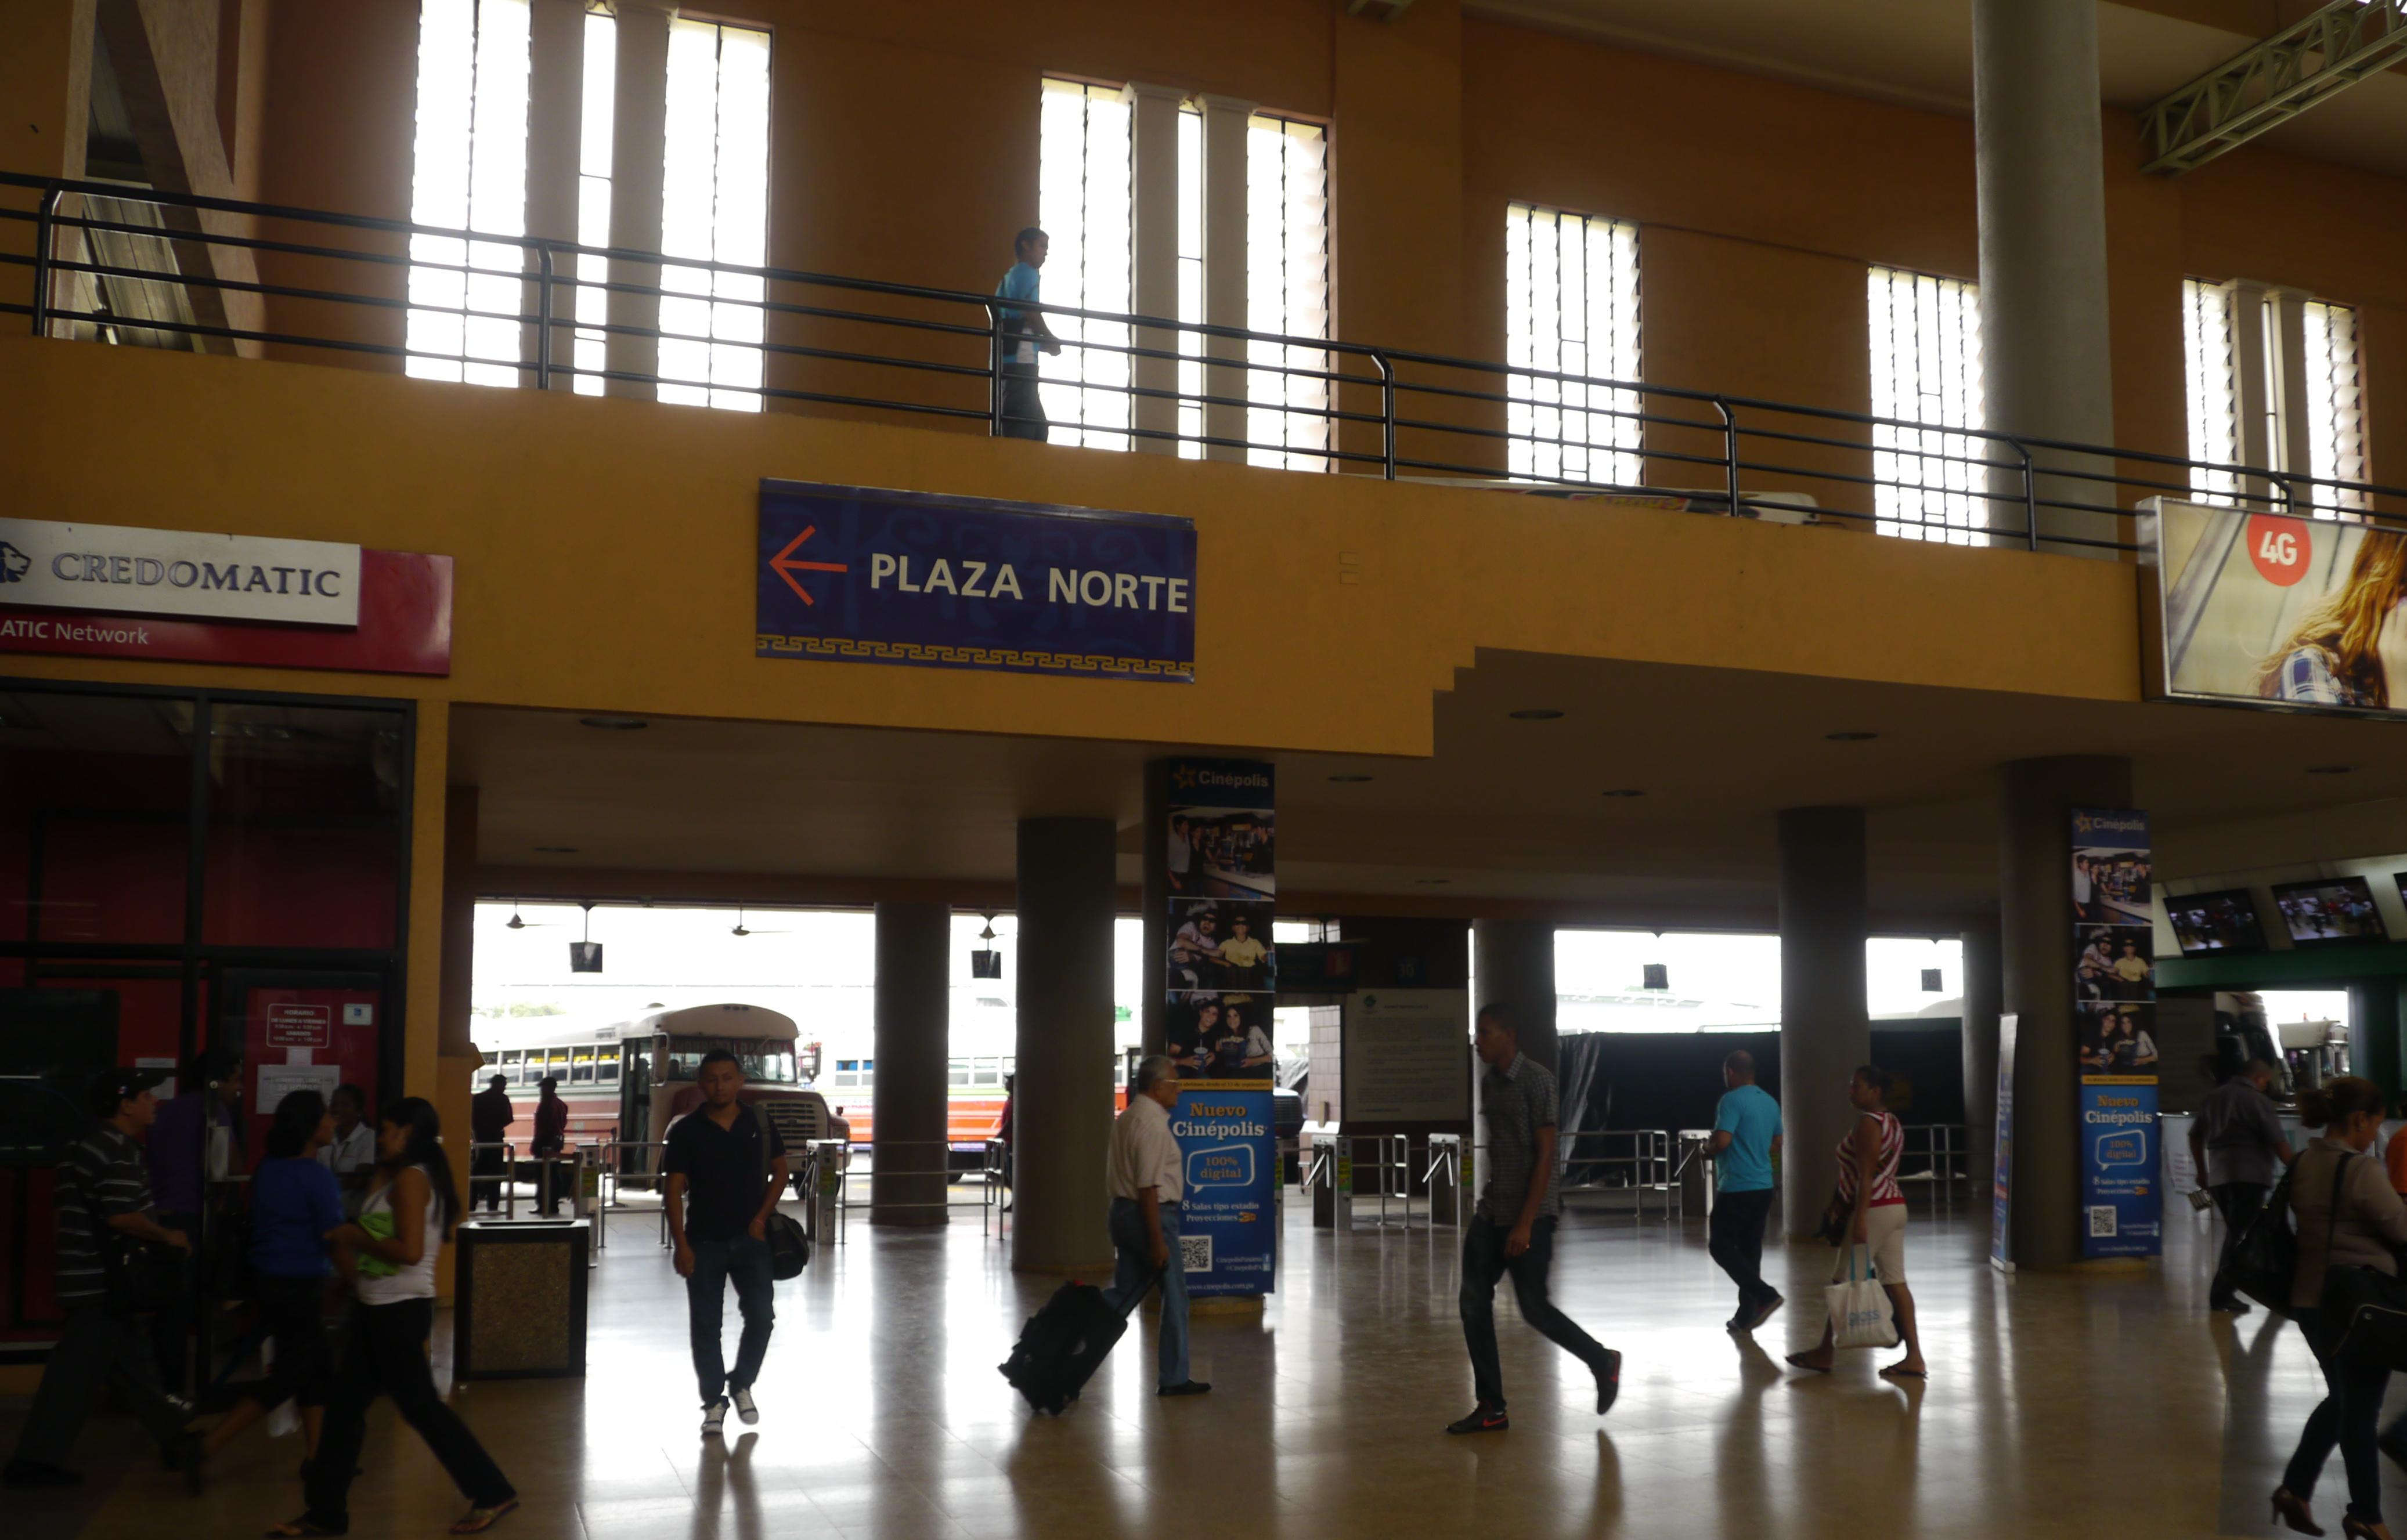 Albrook bus station